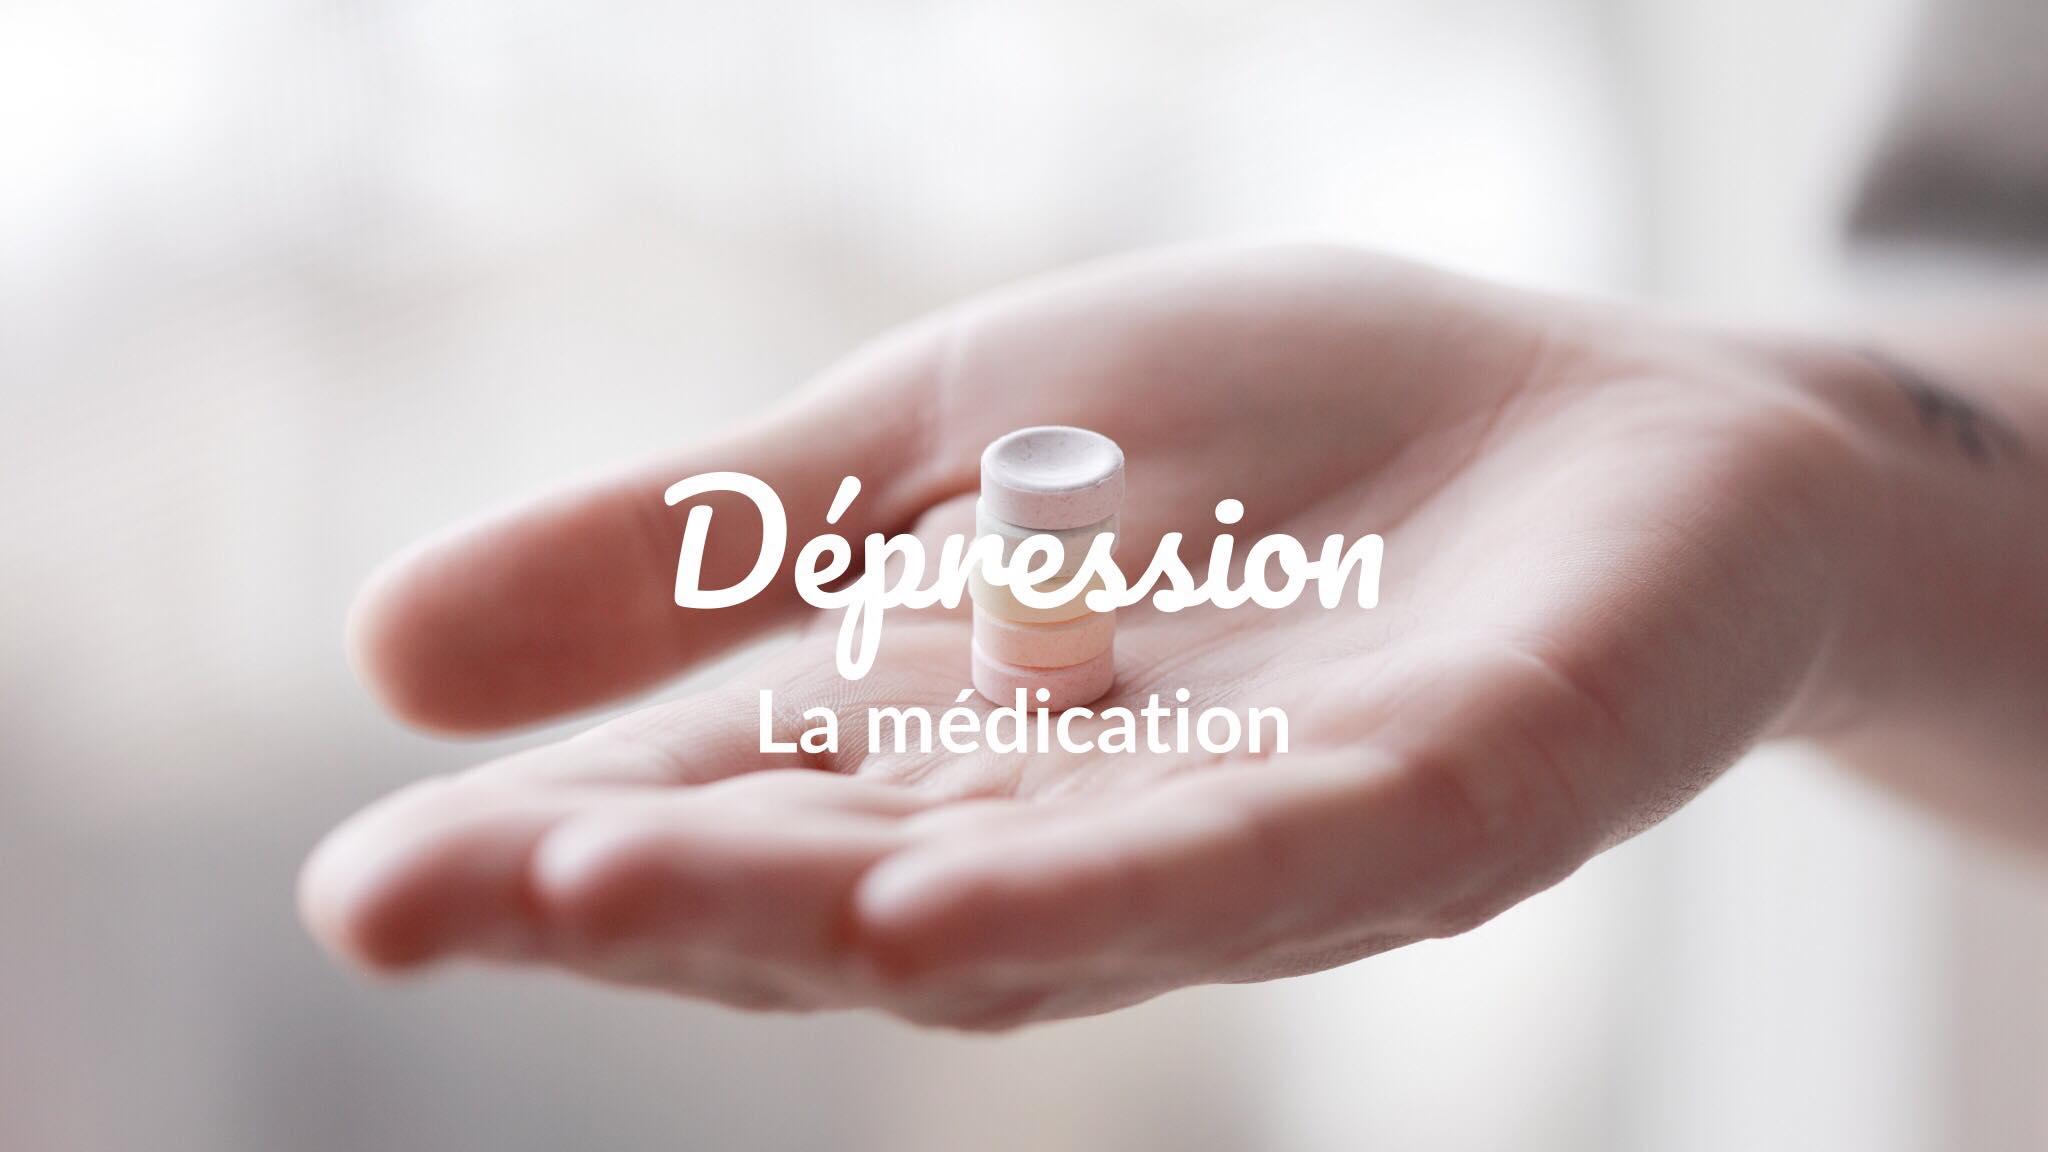 dépression la médication